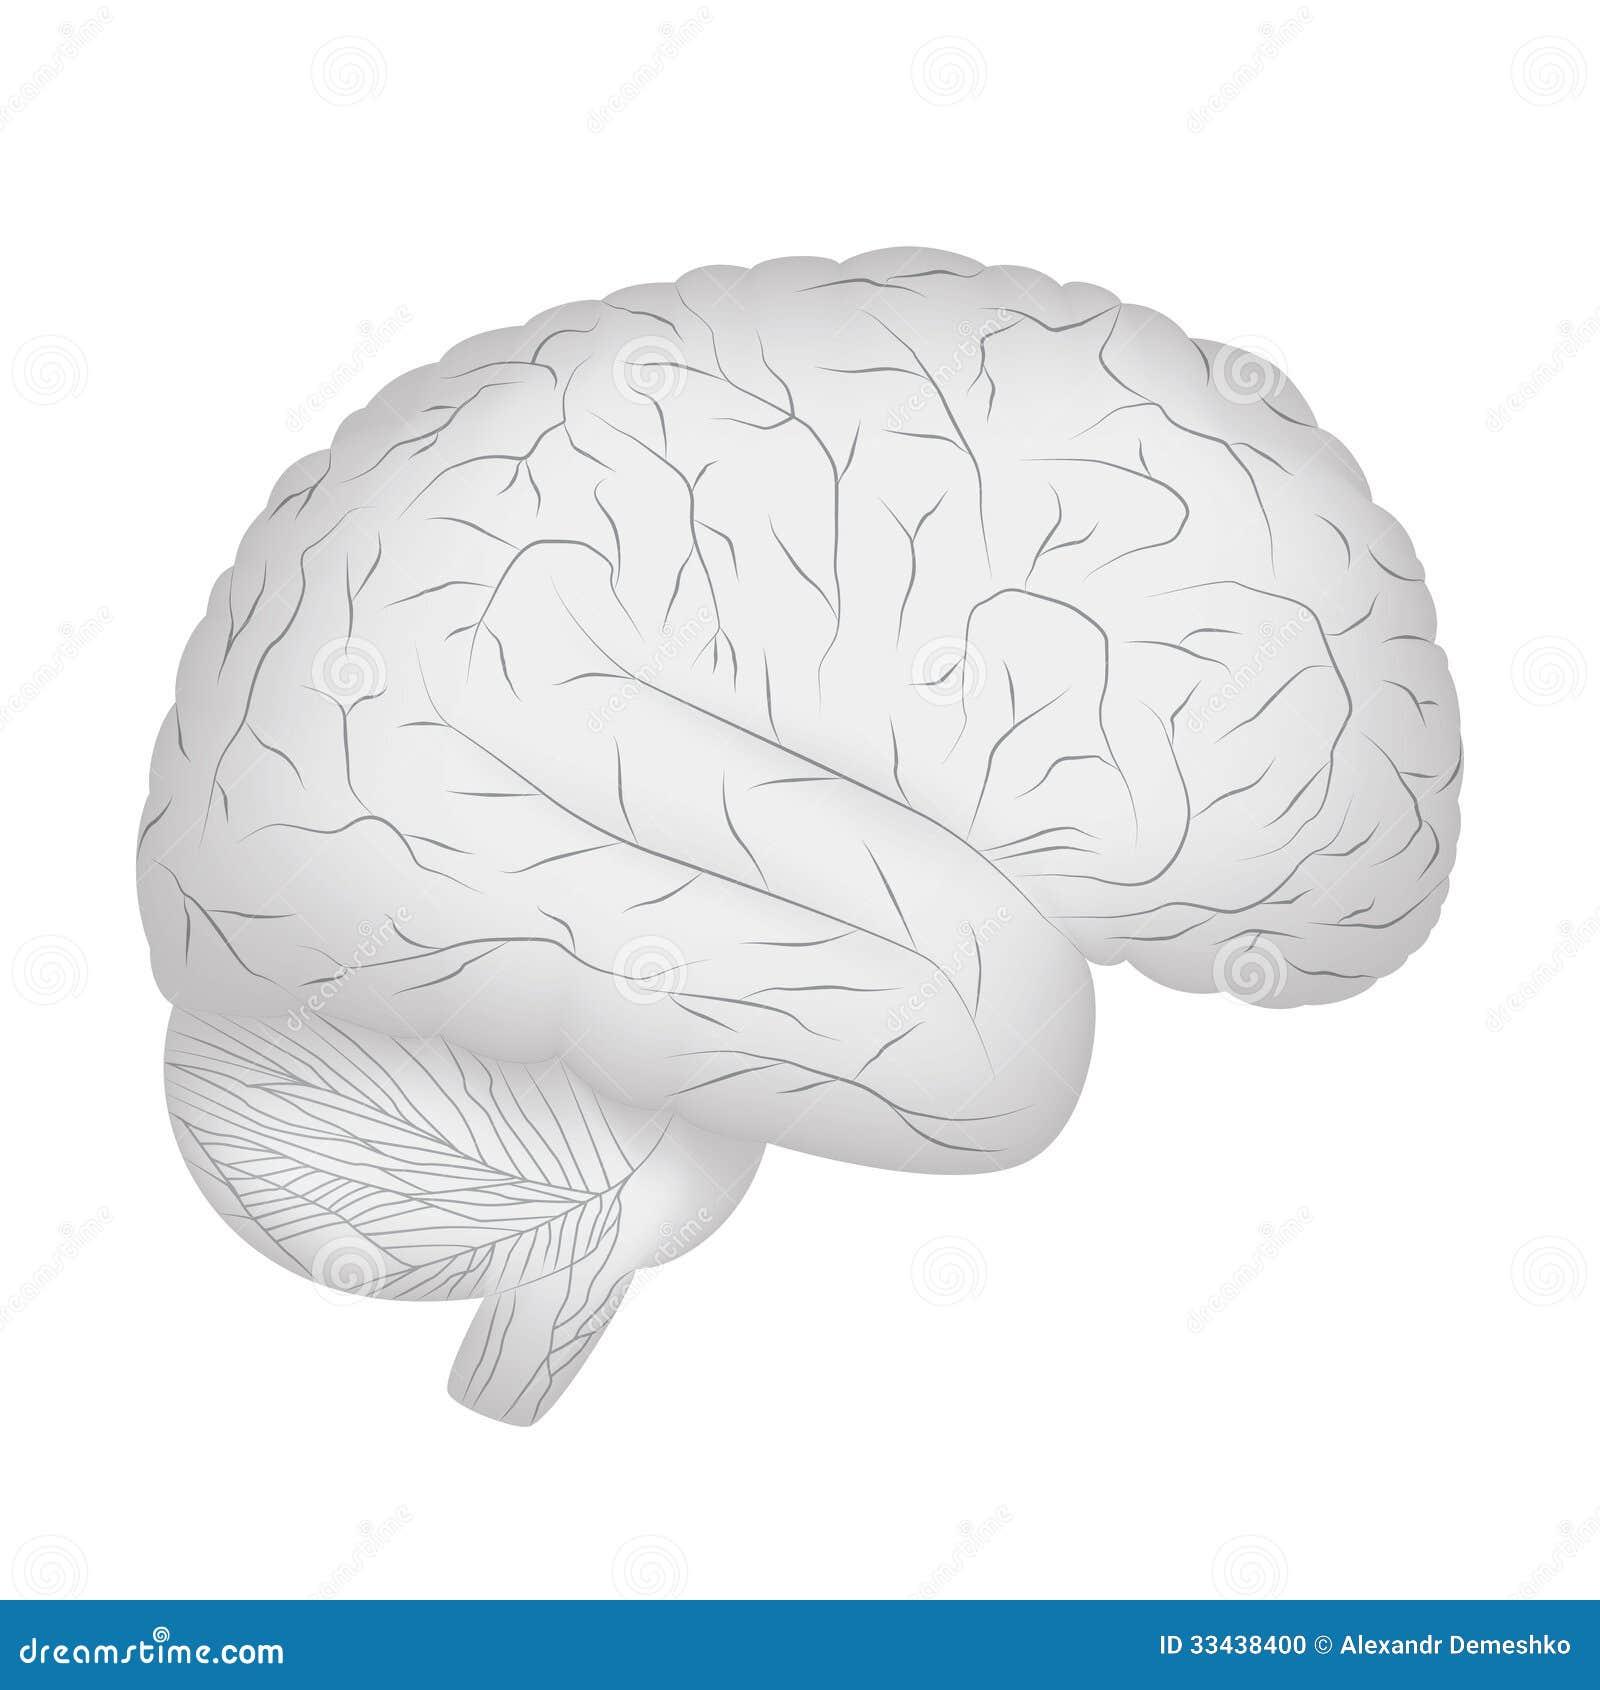 Cerebro humano gris. ilustración del vector. Ilustración de anatomía ...